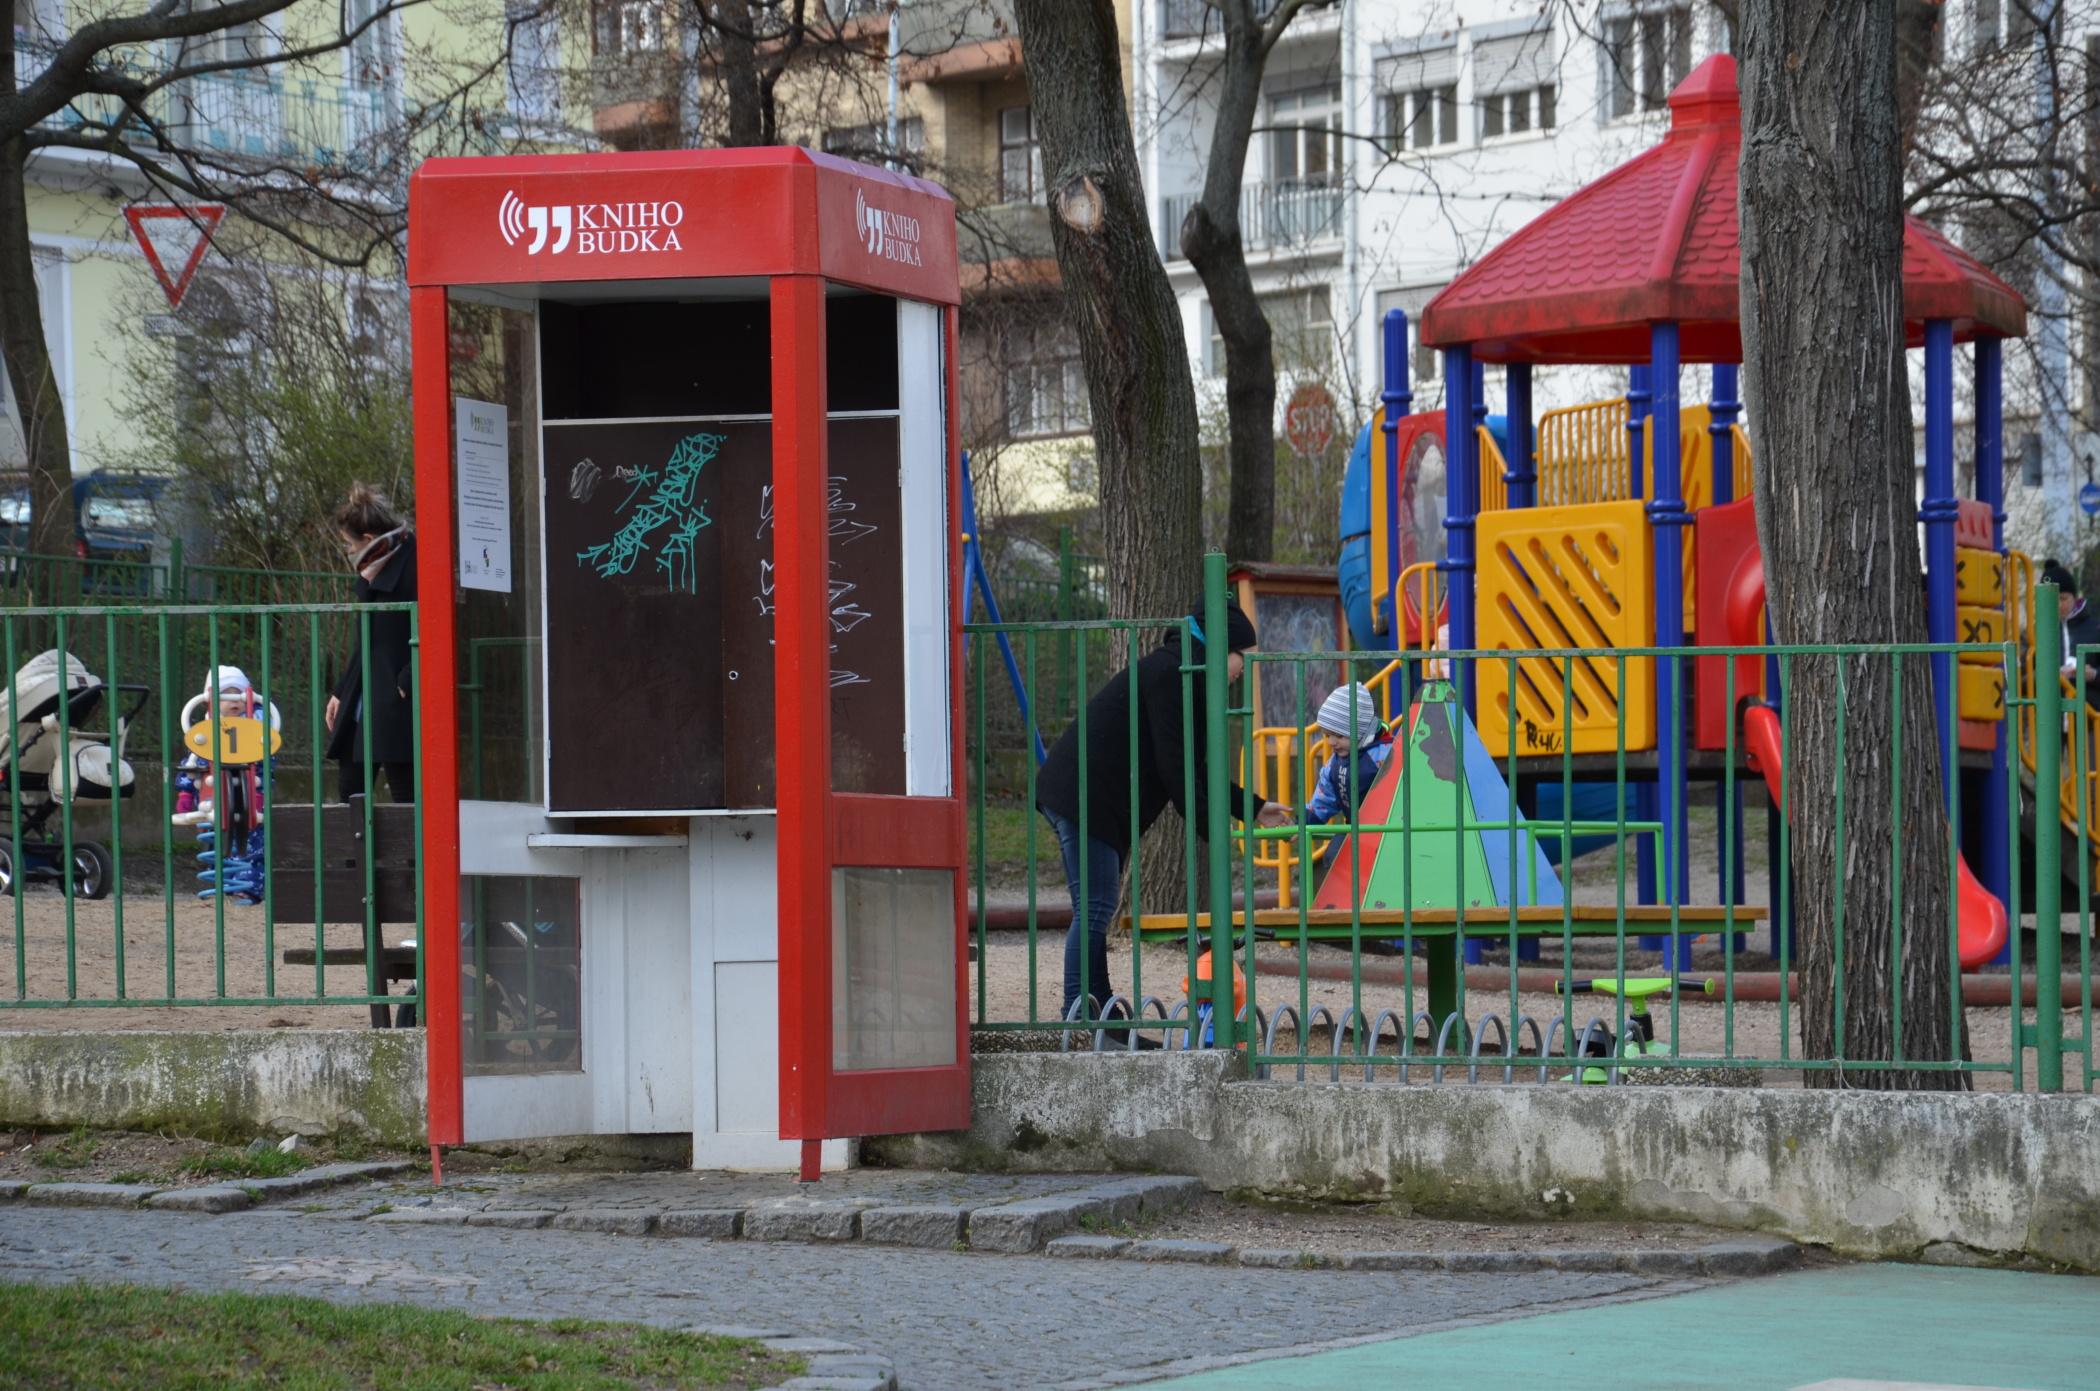 Staré telefonní budky slouží jako veřejné knihovny